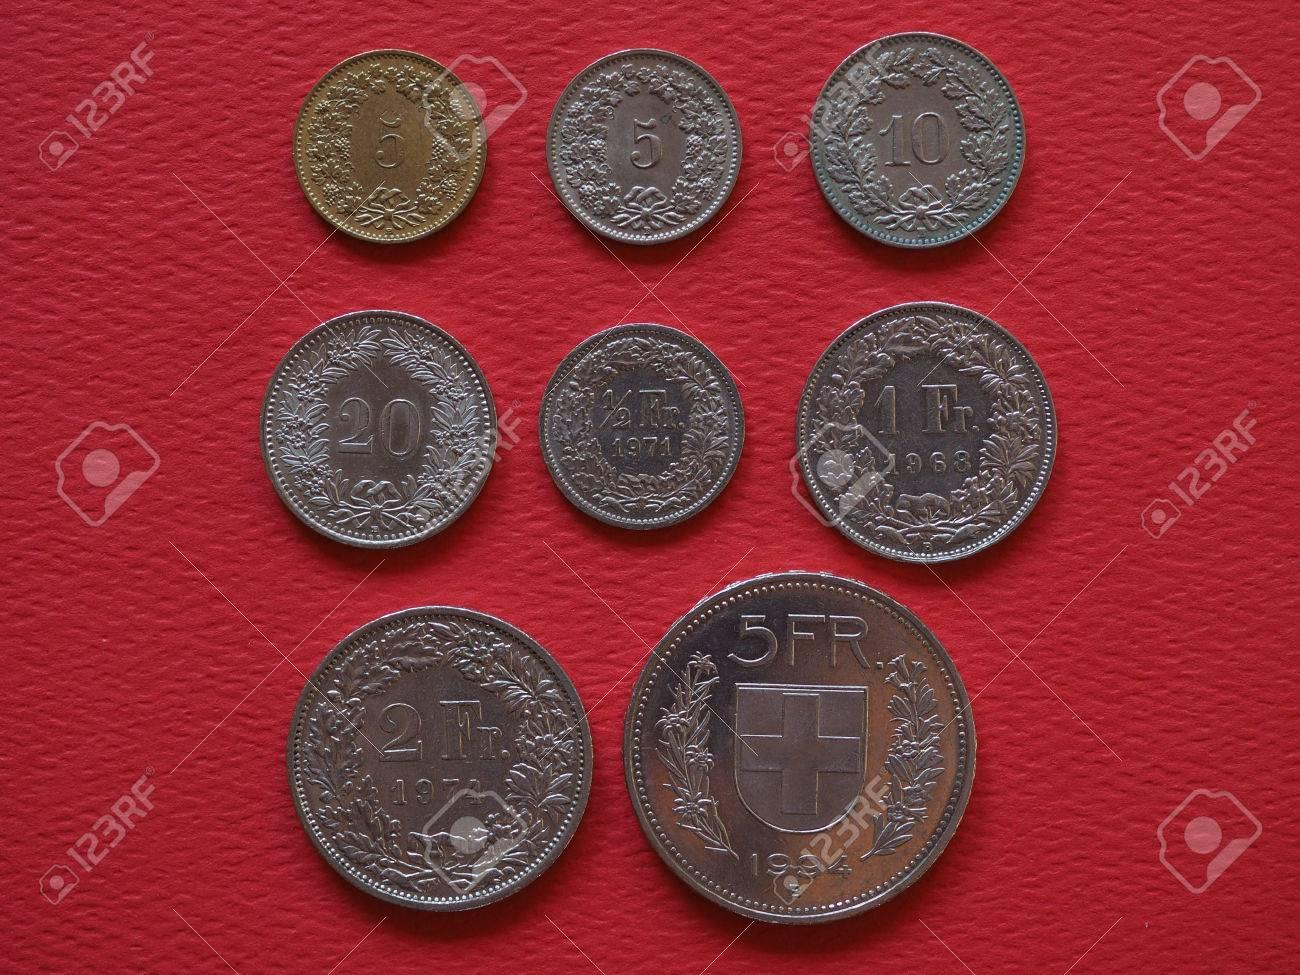 Schweizer Franken Münzen Geld Chf Währung Der Schweiz